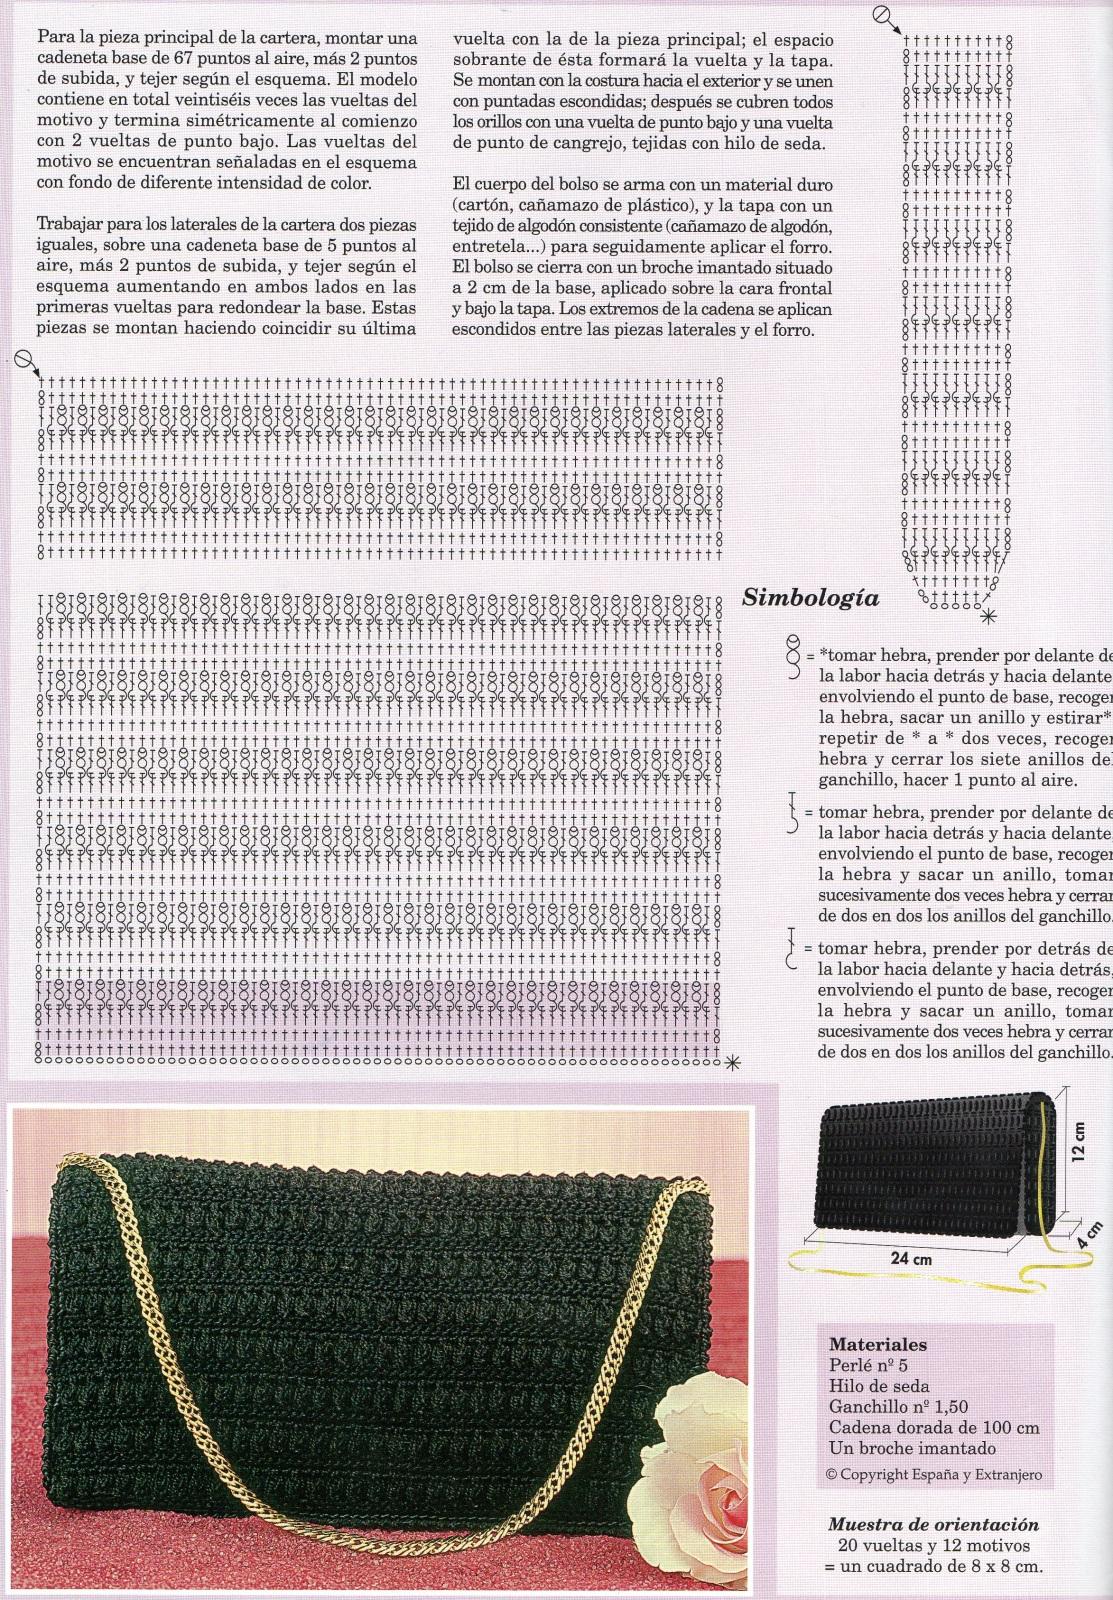 patrones - patrones de bolsos 24z9ke1